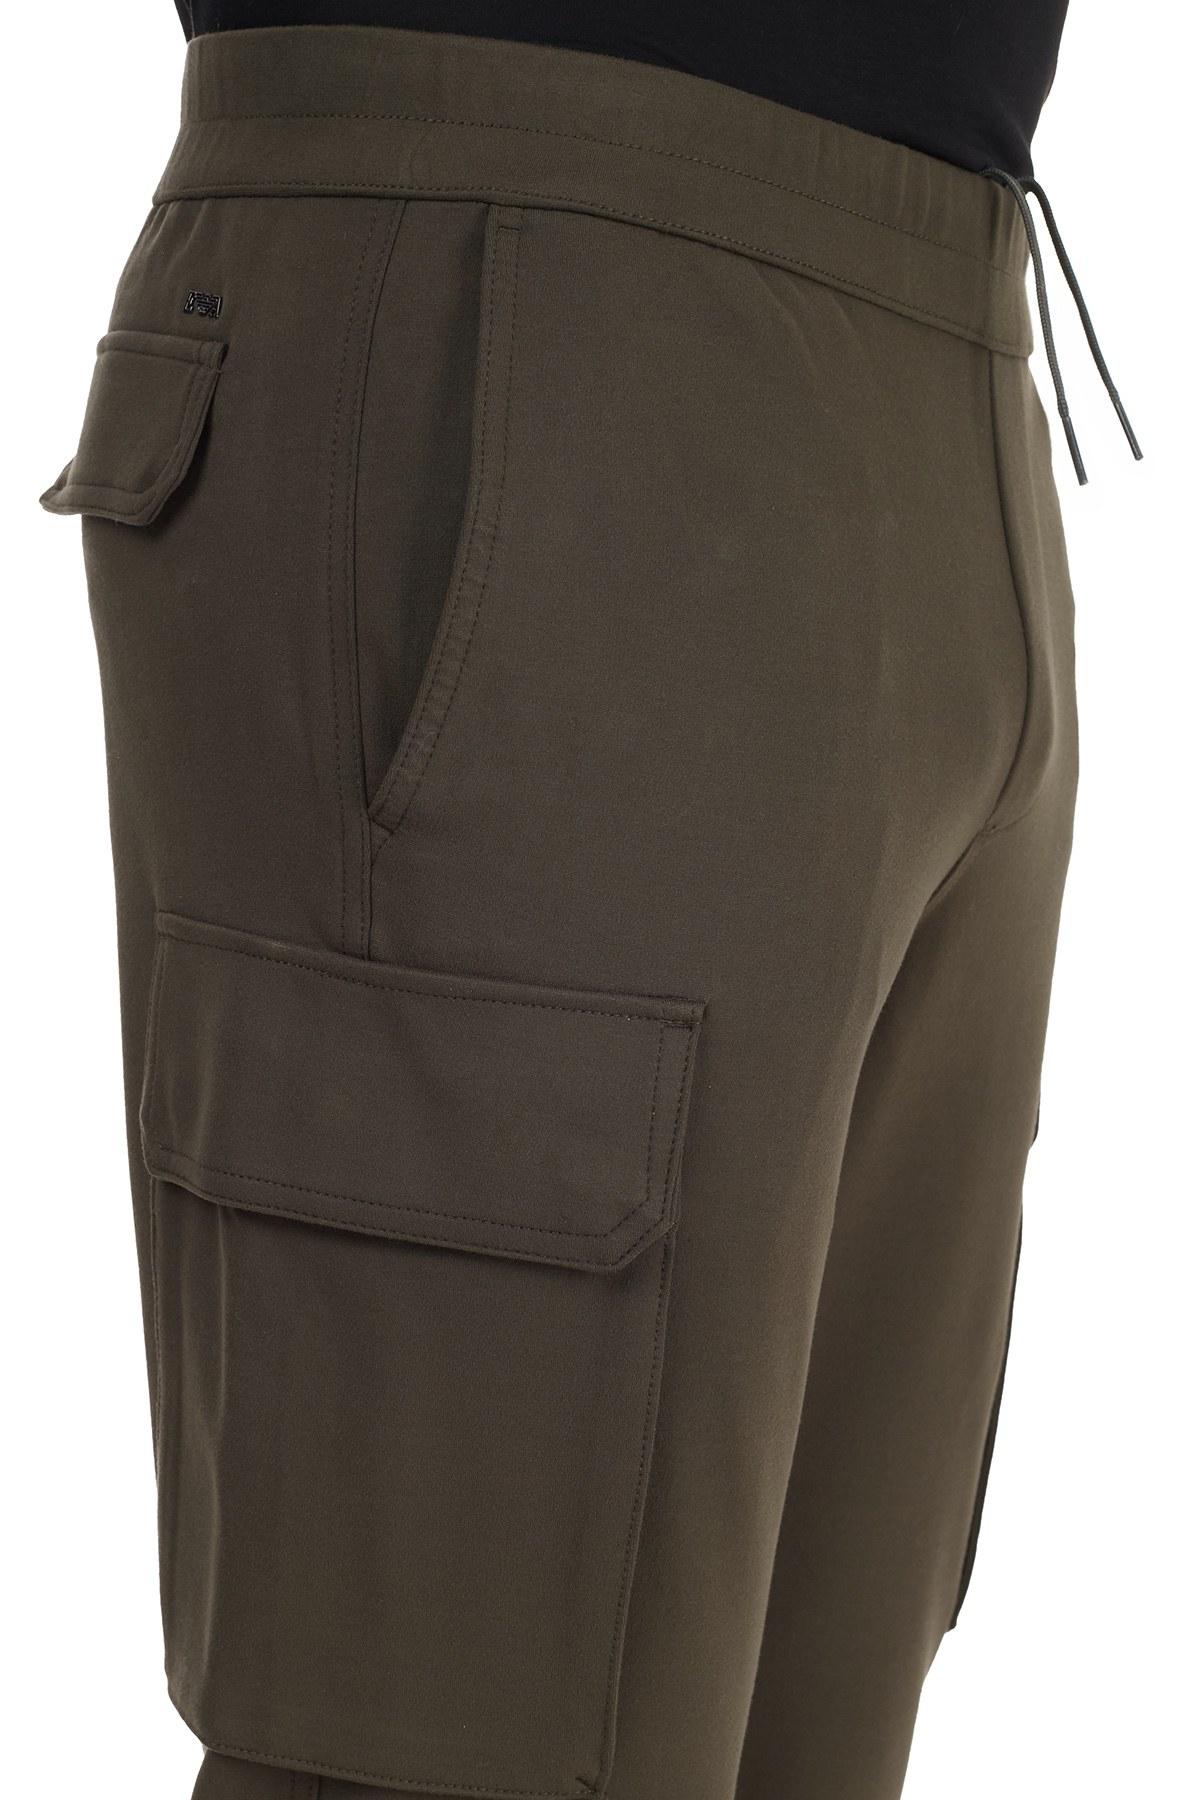 Emporio Armani Belden Bağlamalı Cepli Erkek Pantolon 6H1PM7 1JDRZ 0585 HAKİ